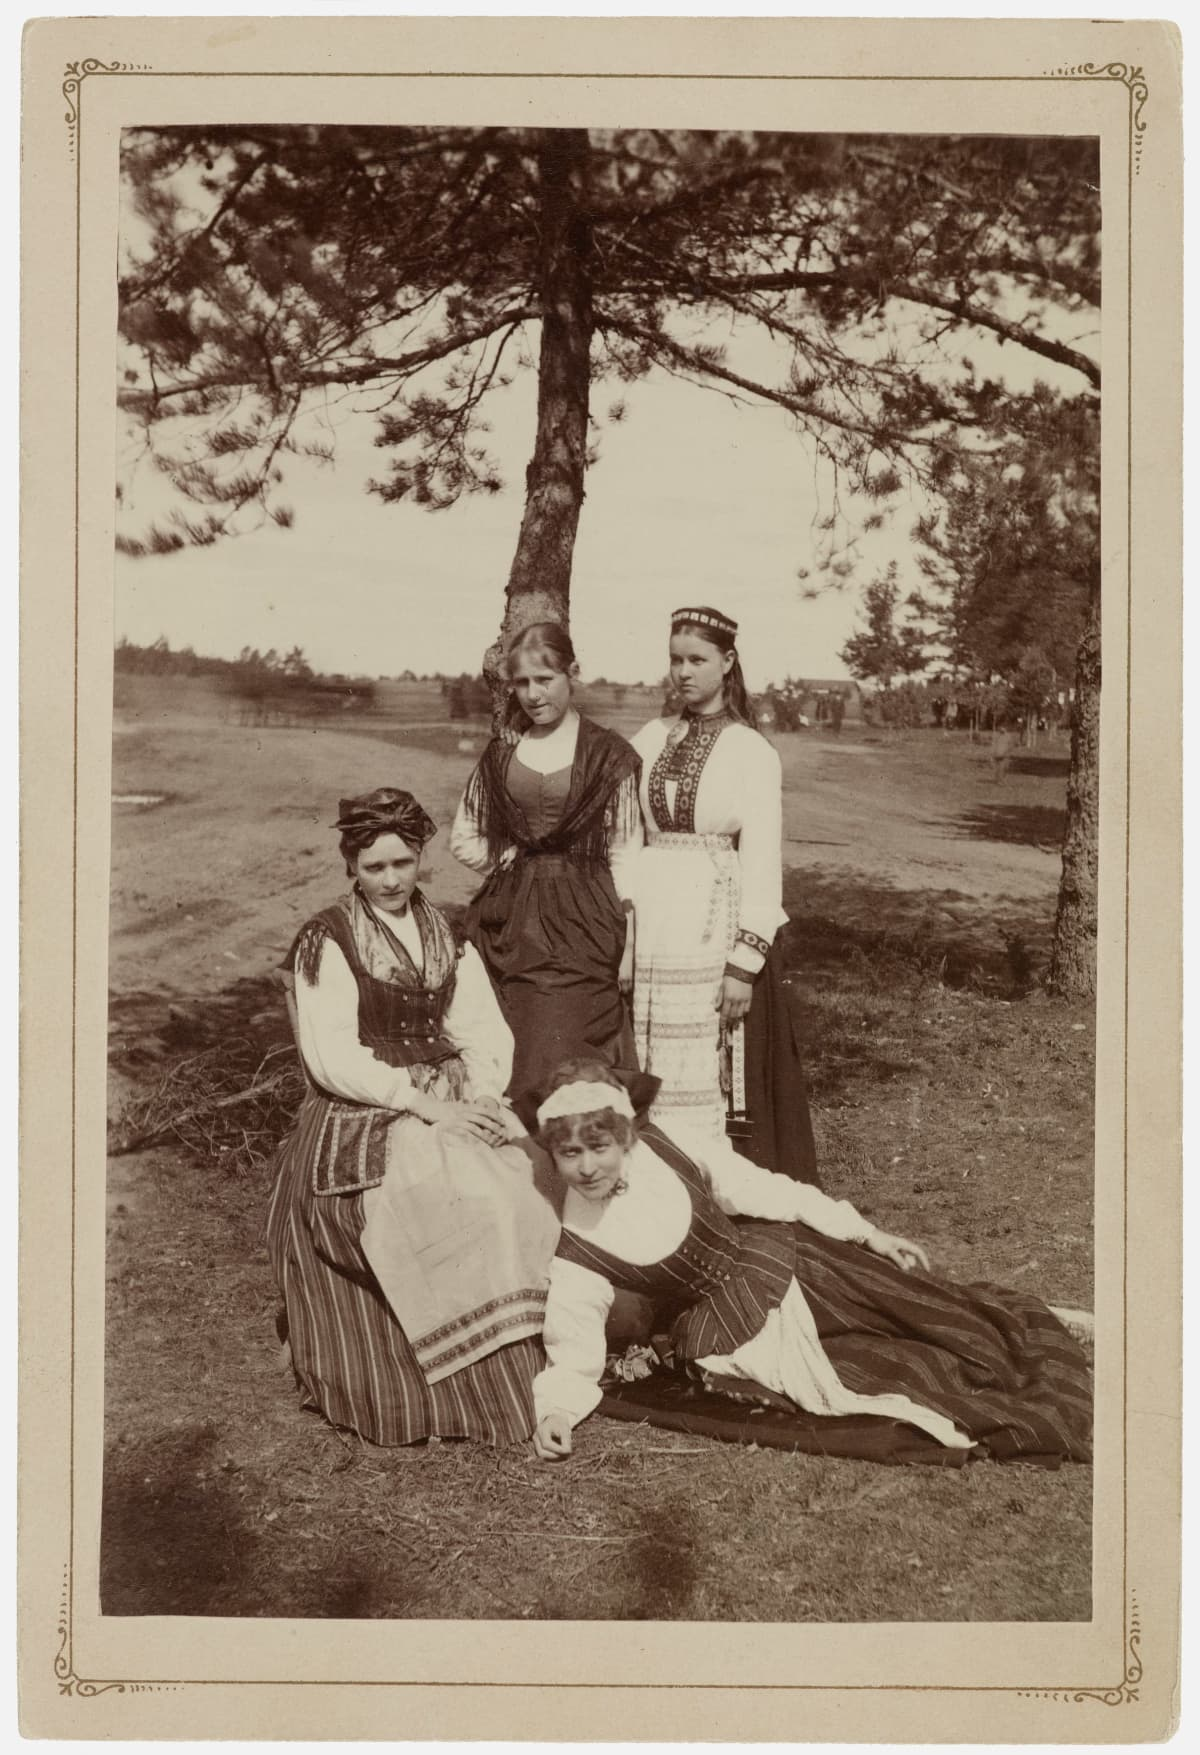 Kesäisessä mustavalkokuvassa kaksi naista seisoo, yksi istuu ja yksi, Ida Aalberg, on makuullaan.